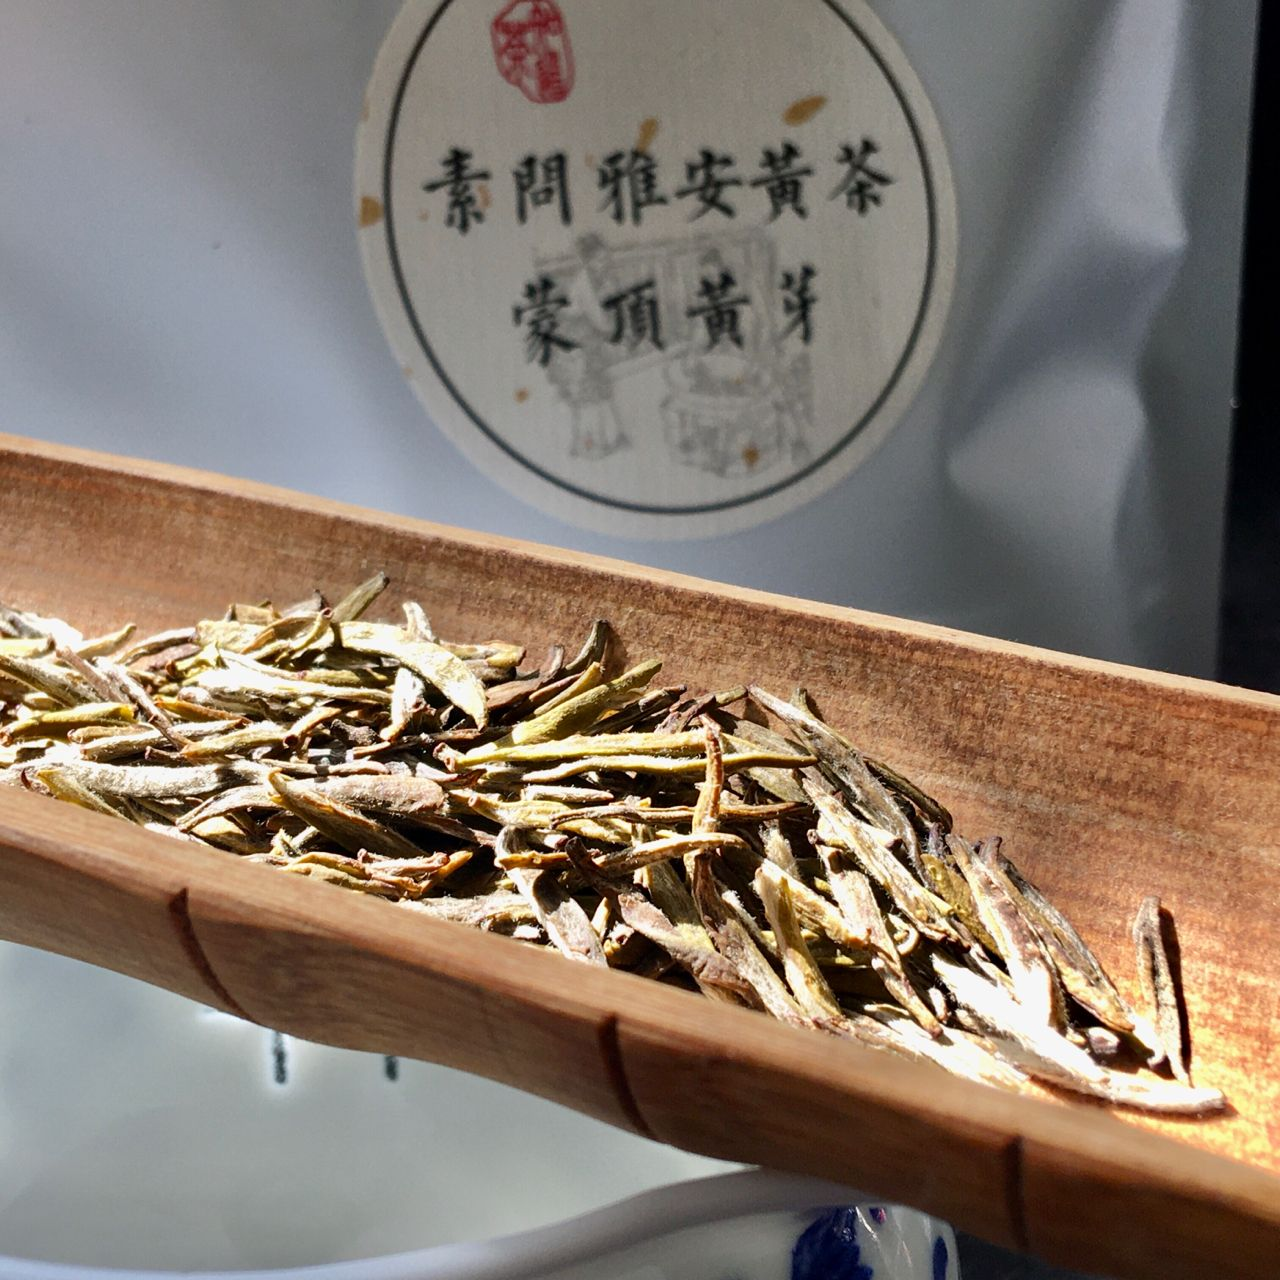 Shēng Tài Chá Lǜ Chá, 生态茶绿茶, Ecological Tea Green Tea